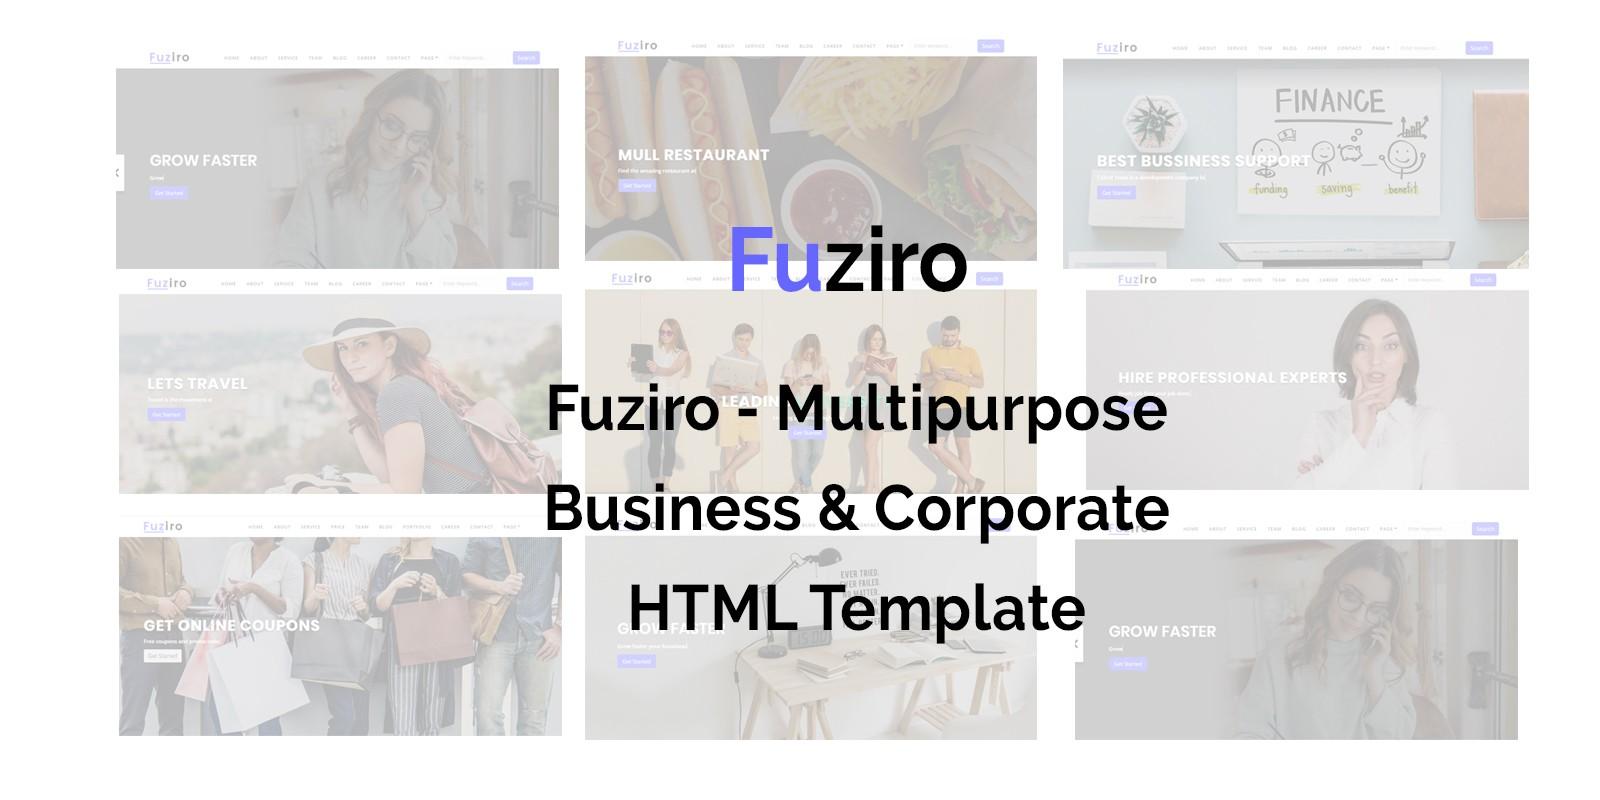 Fuziro - Multipurpose HTML Template